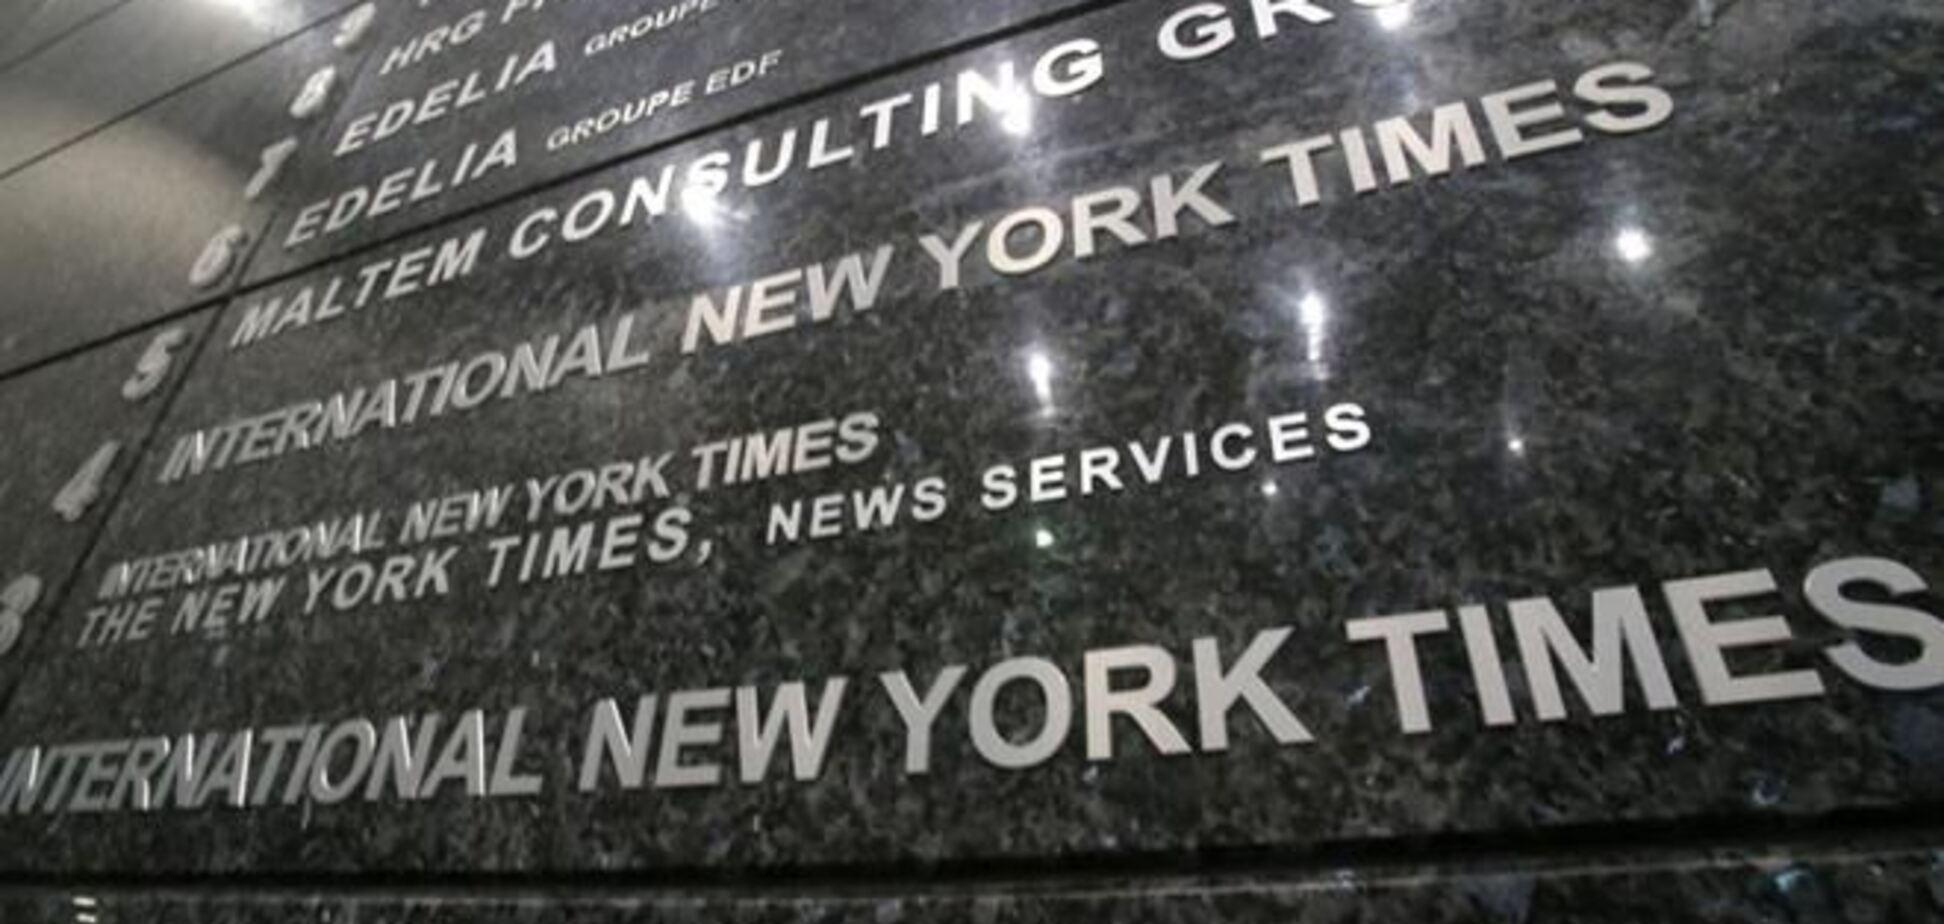 Выходящая во всем мире американская газета сменила название